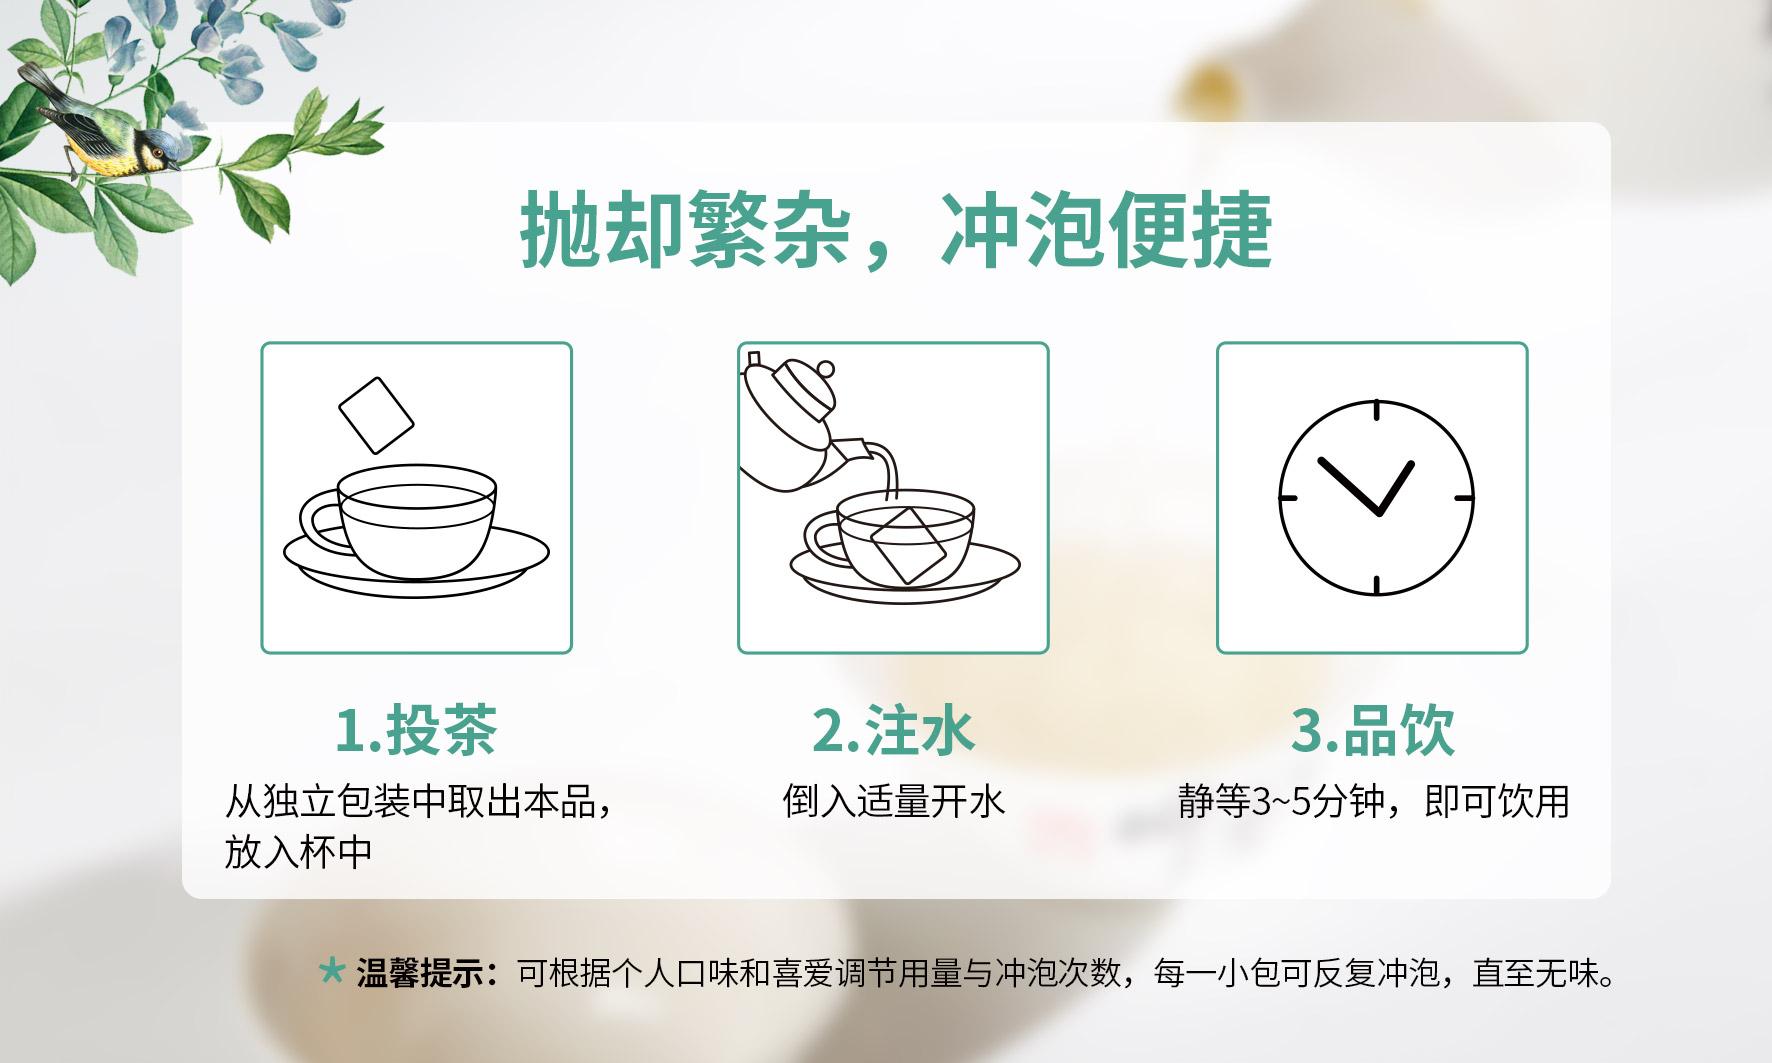 清凉茶修改-图片13